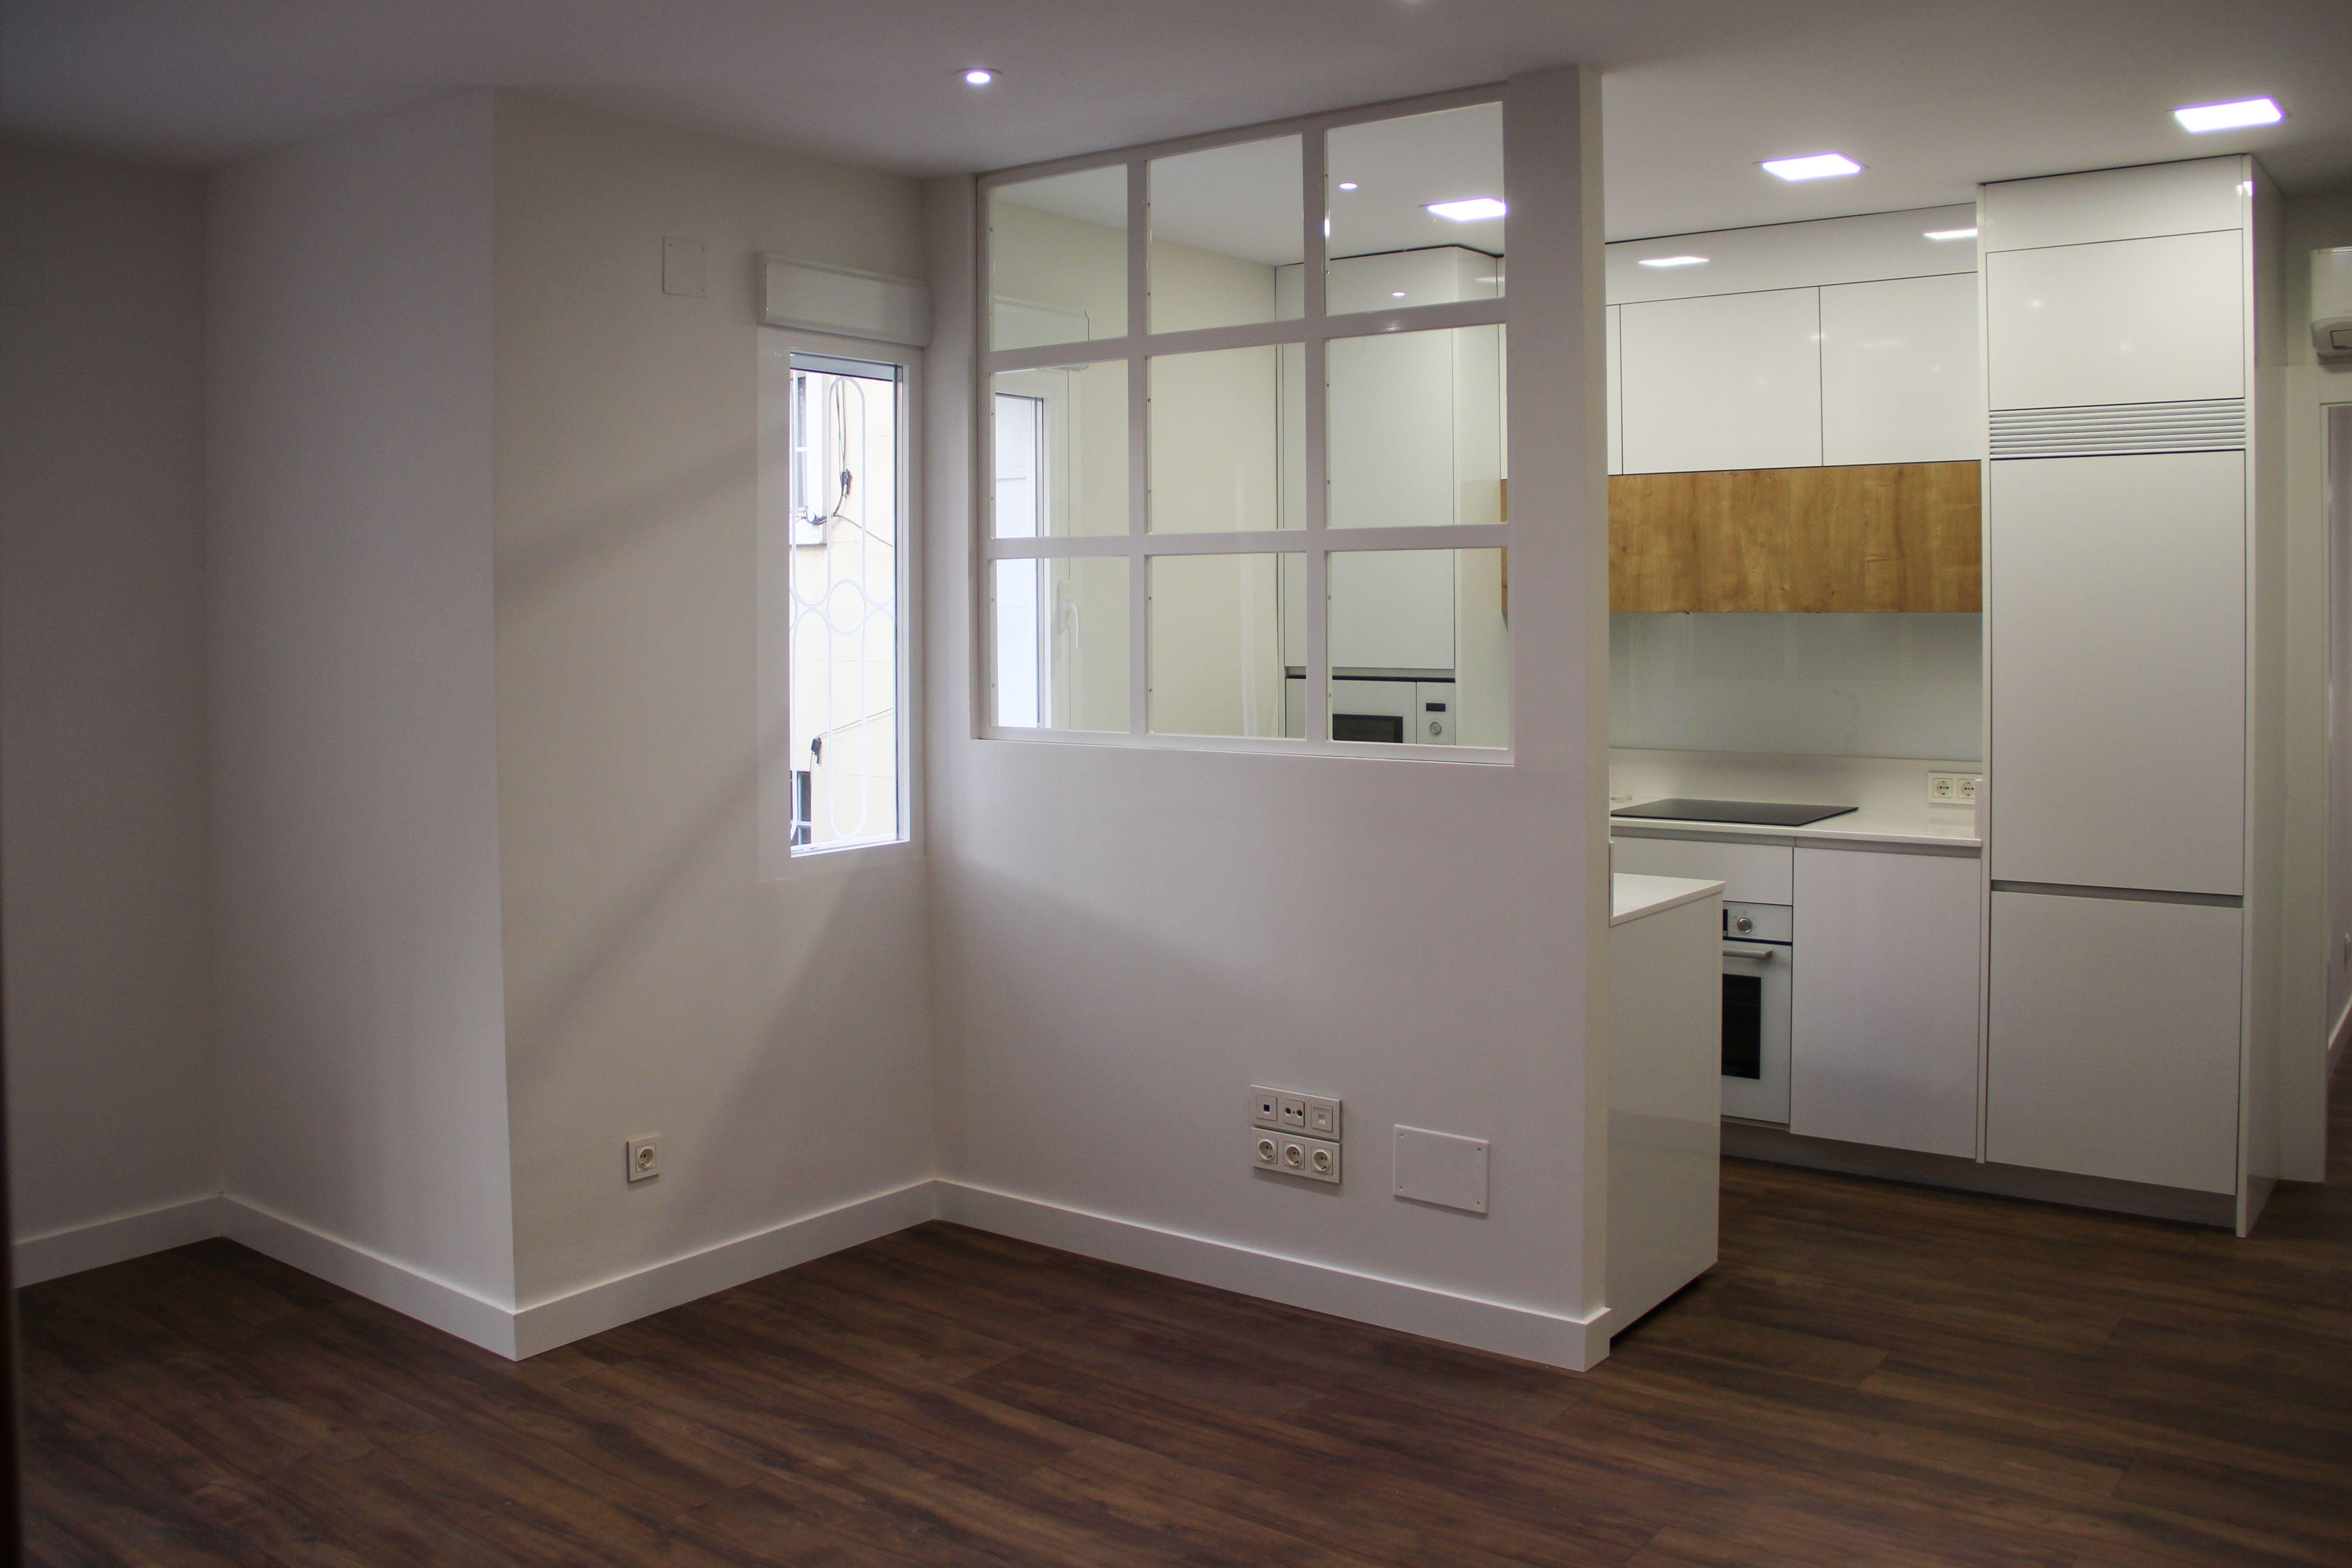 Salón - cocina Obras y Promociones Sande, S.L.